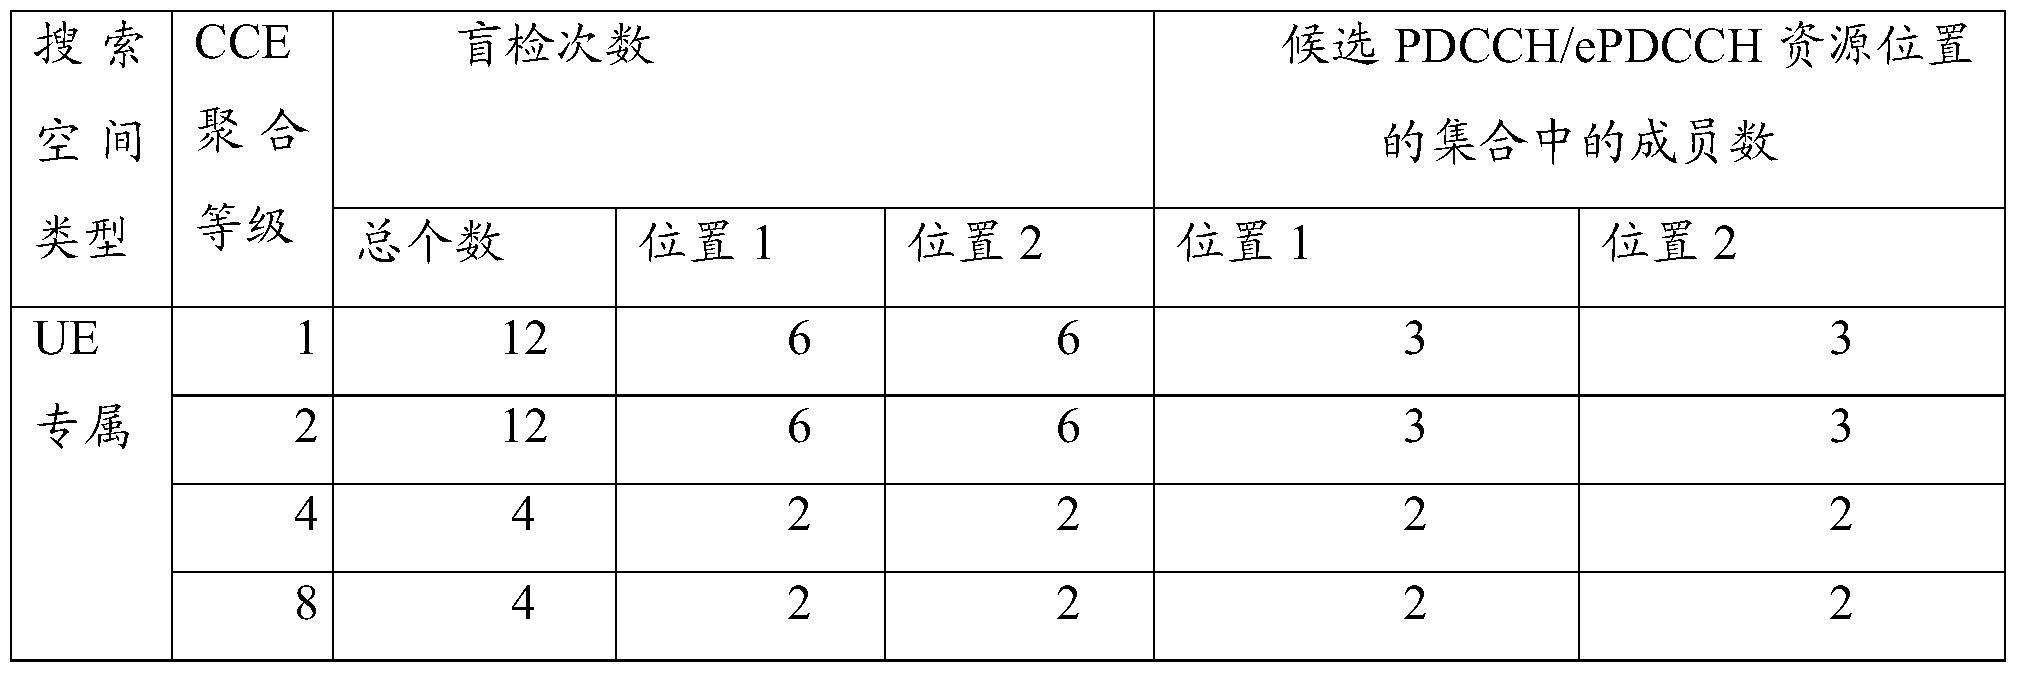 Figure PCTCN2016093232-appb-000002